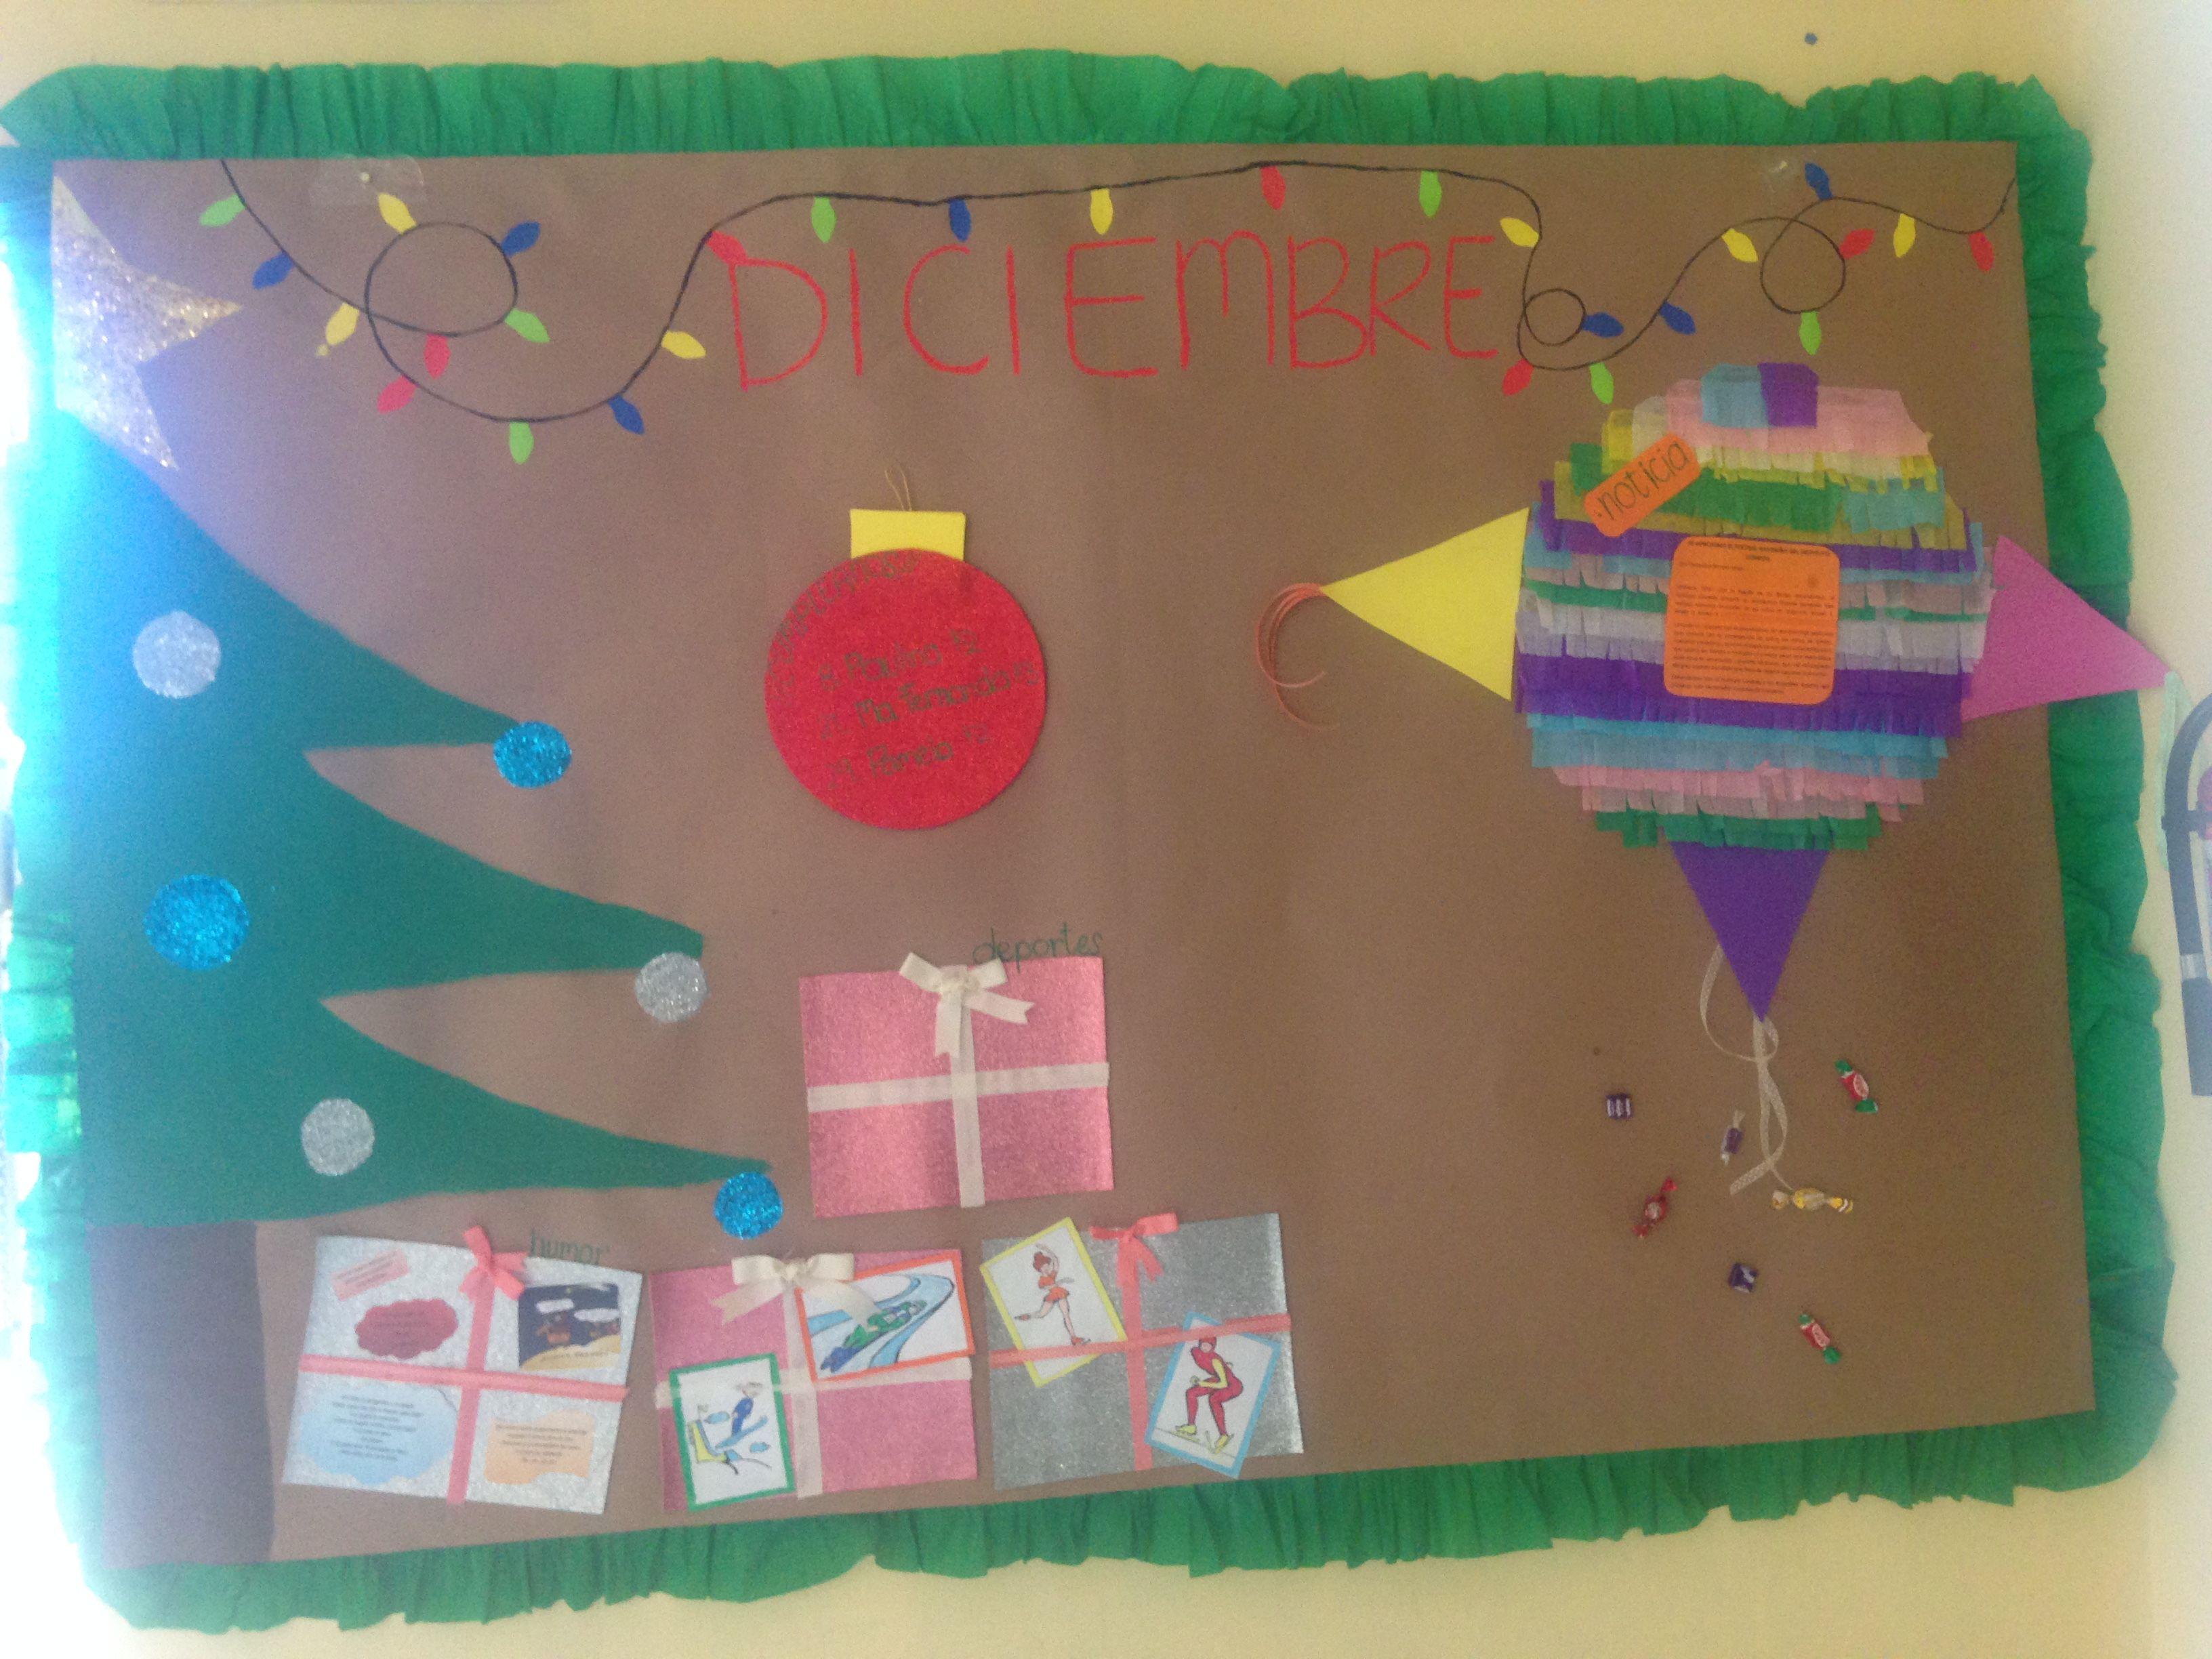 Peri dico mural diciembre escuela pinterest - Murales decorativos de navidad ...